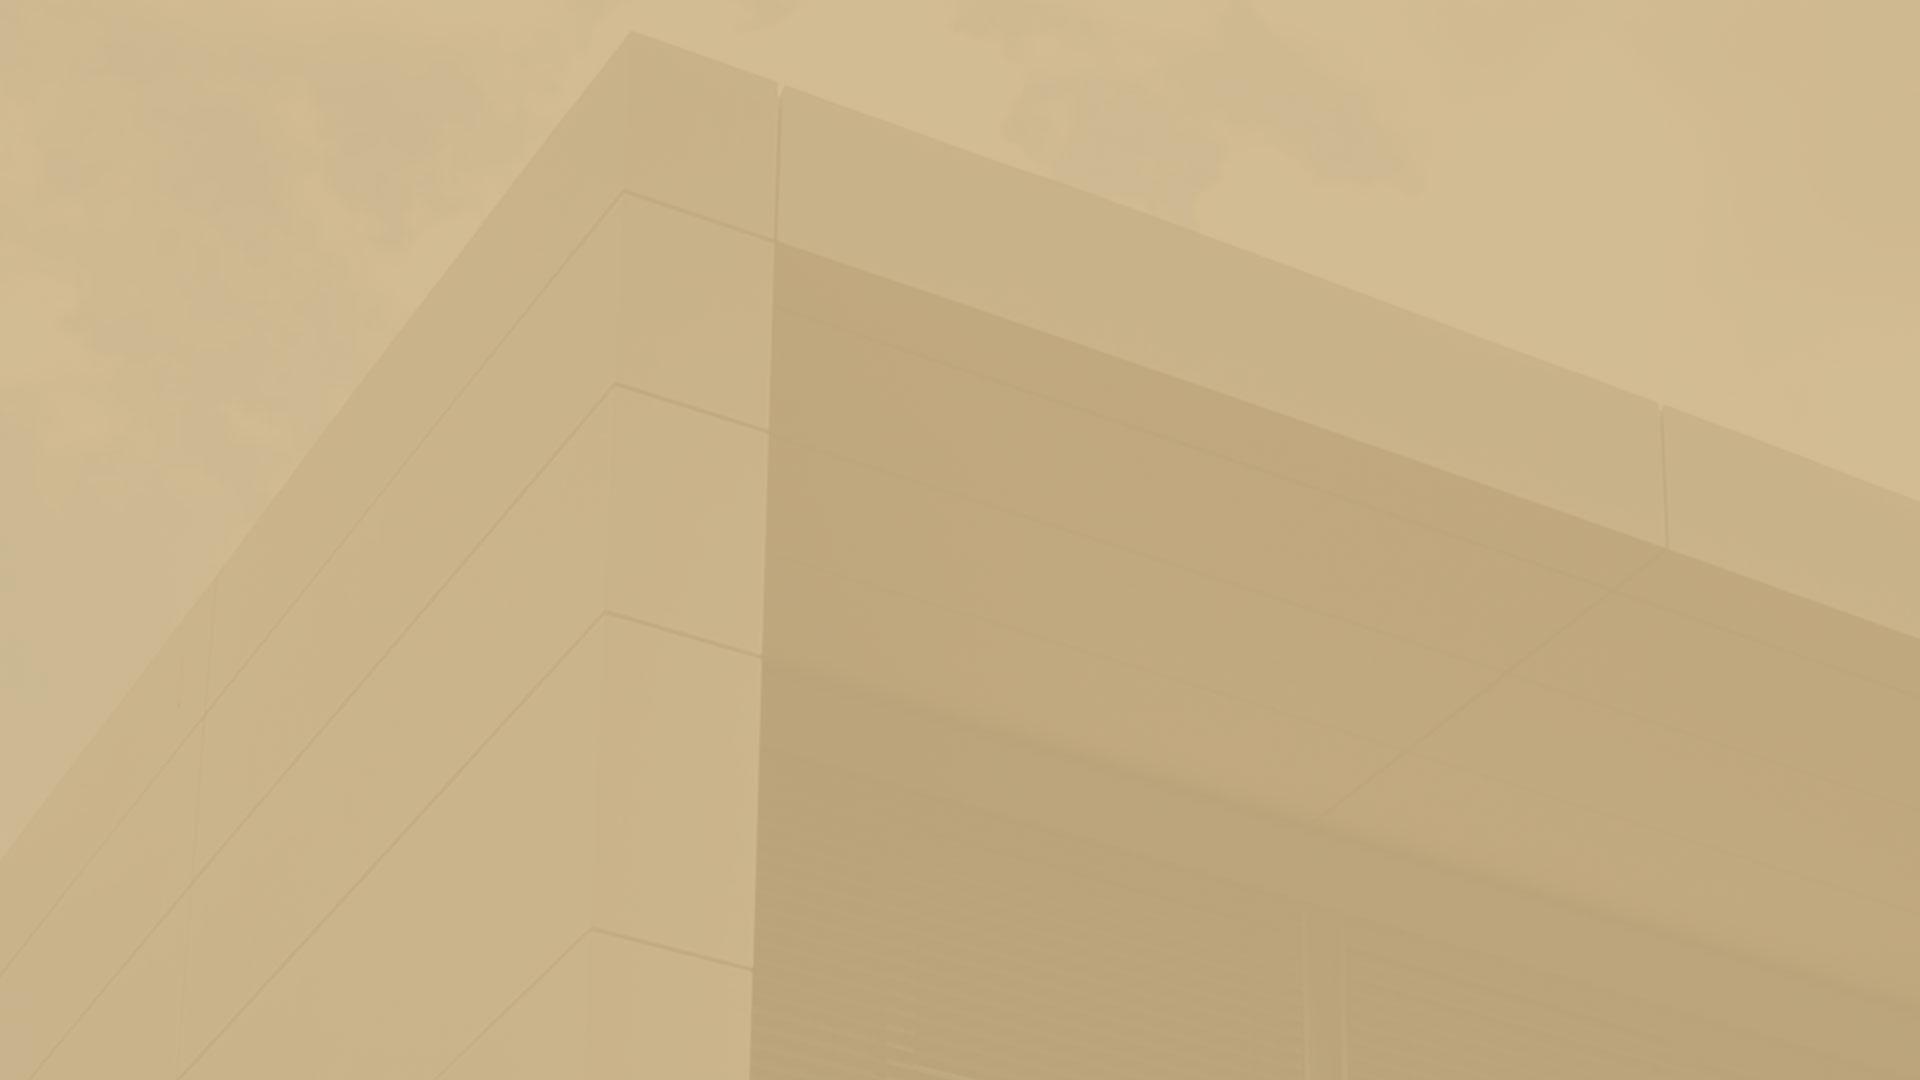 Architektur wohnen schloss buehl front gold straub Architektur wohnen